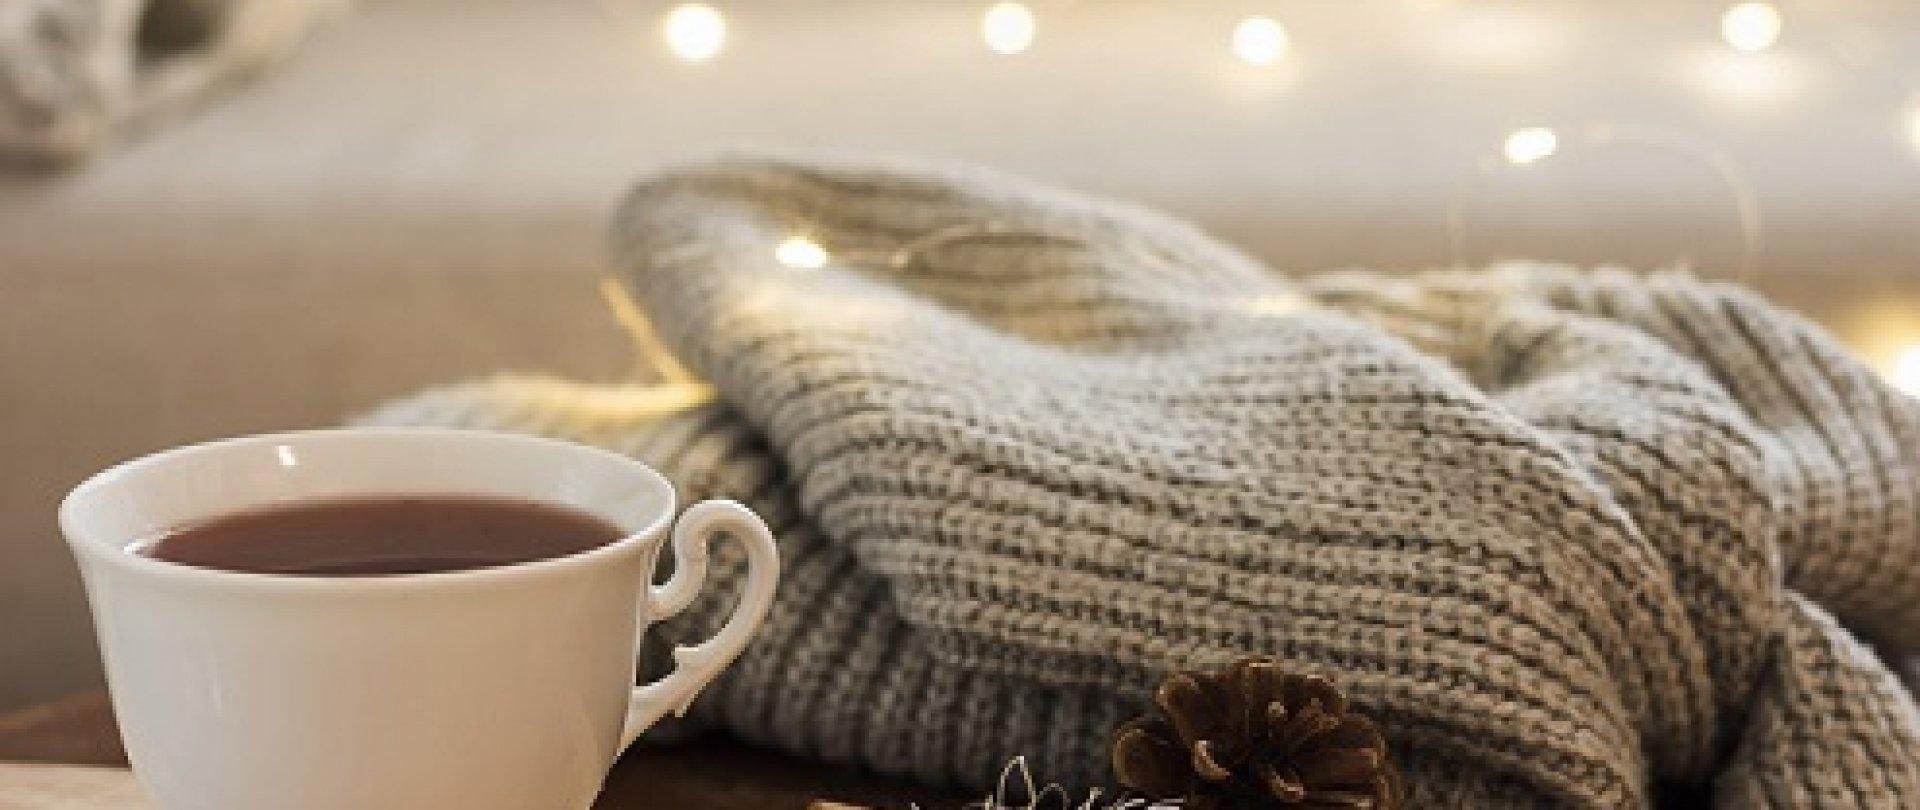 Odpocznij przed Świętami  | 10% rabatu na dania z karty